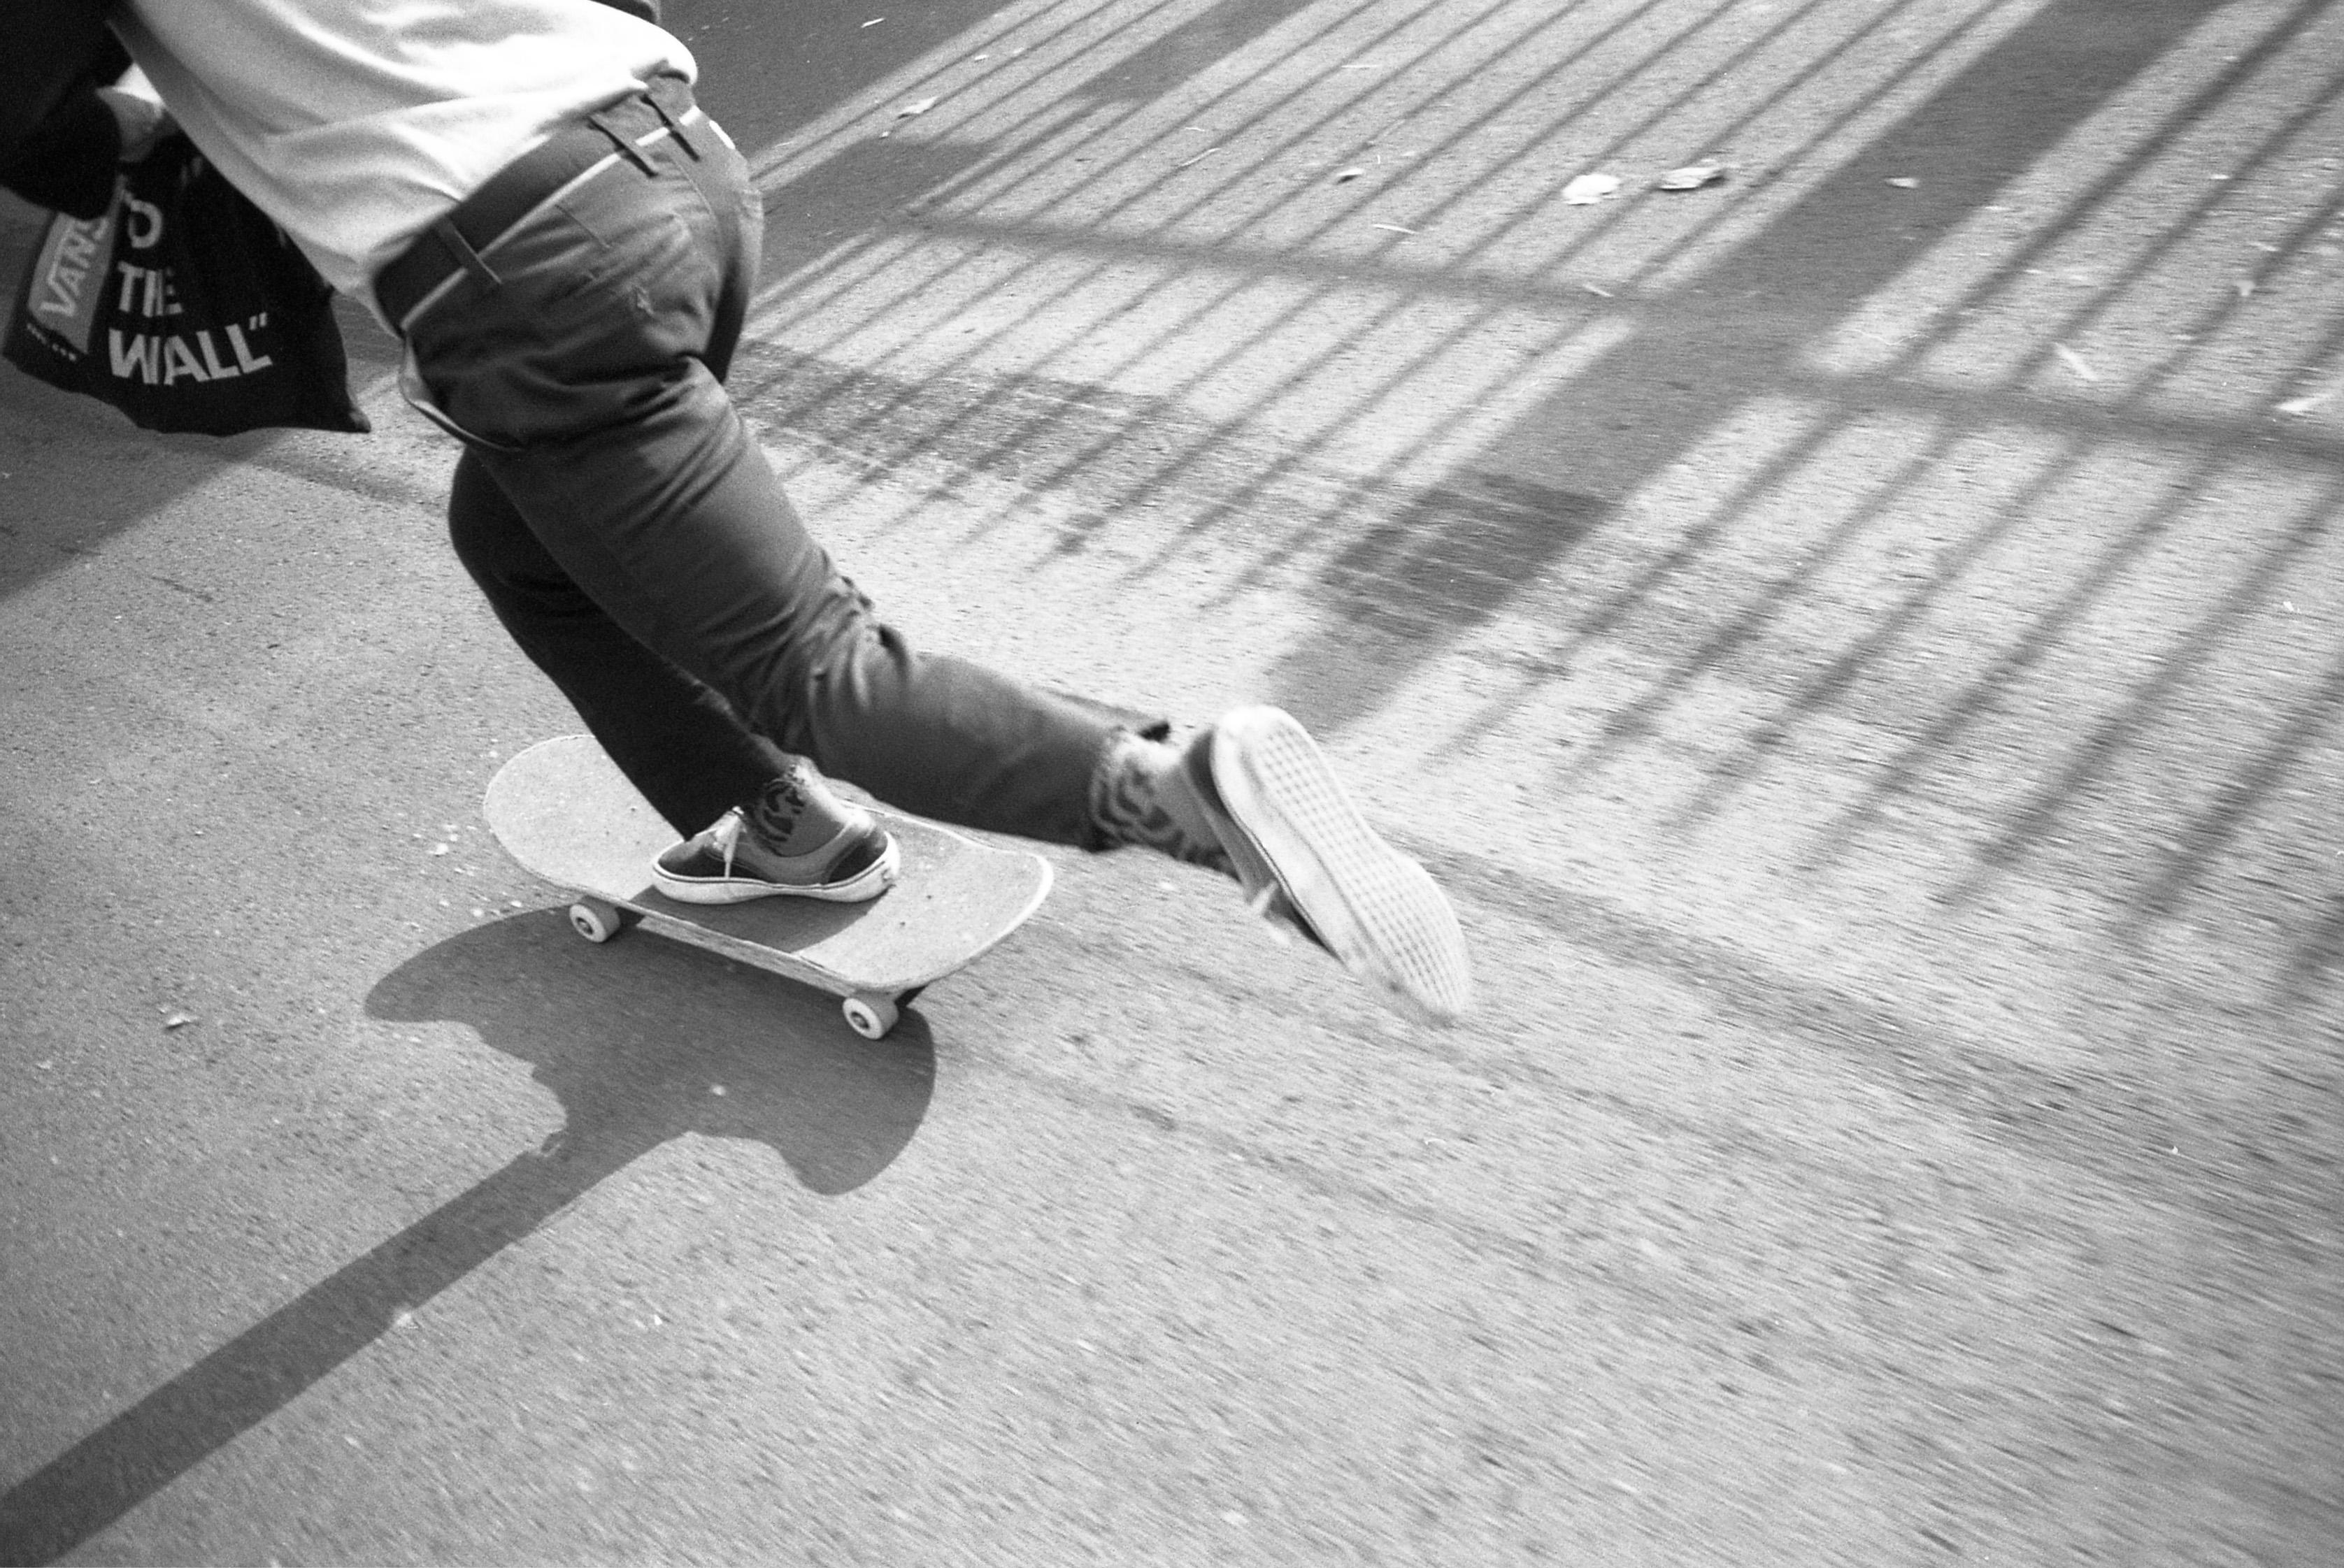 Sta per iniziare la seconda edizione dello Skate e Surf Film Festival   Collater.al 4